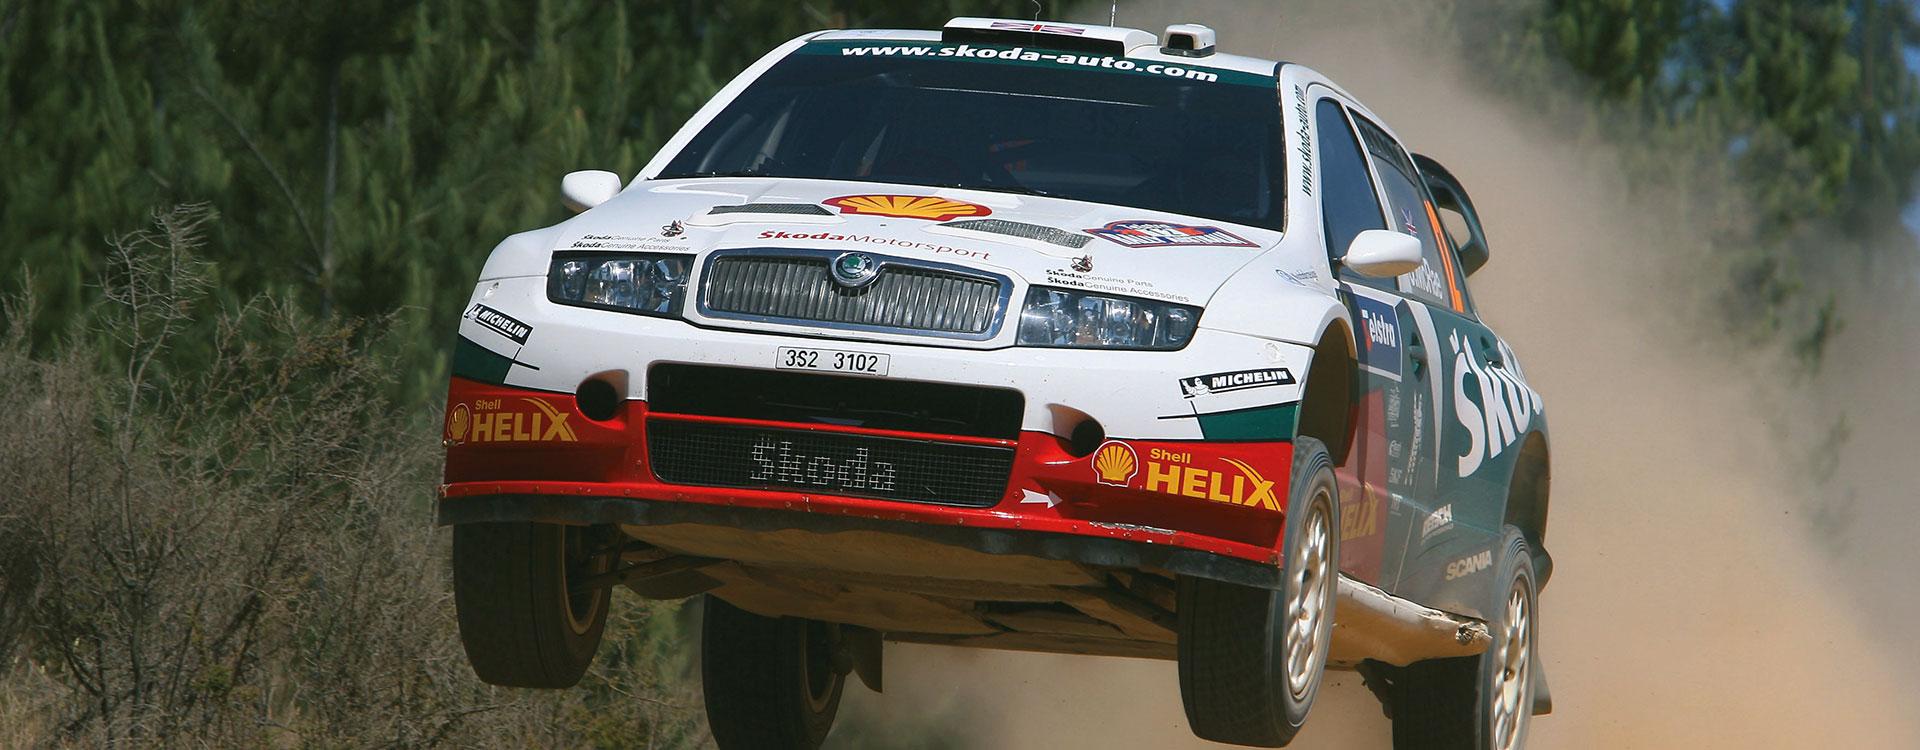 Z archivu: Legendární vystoupení Colina McRaeho na Australské rally 2005